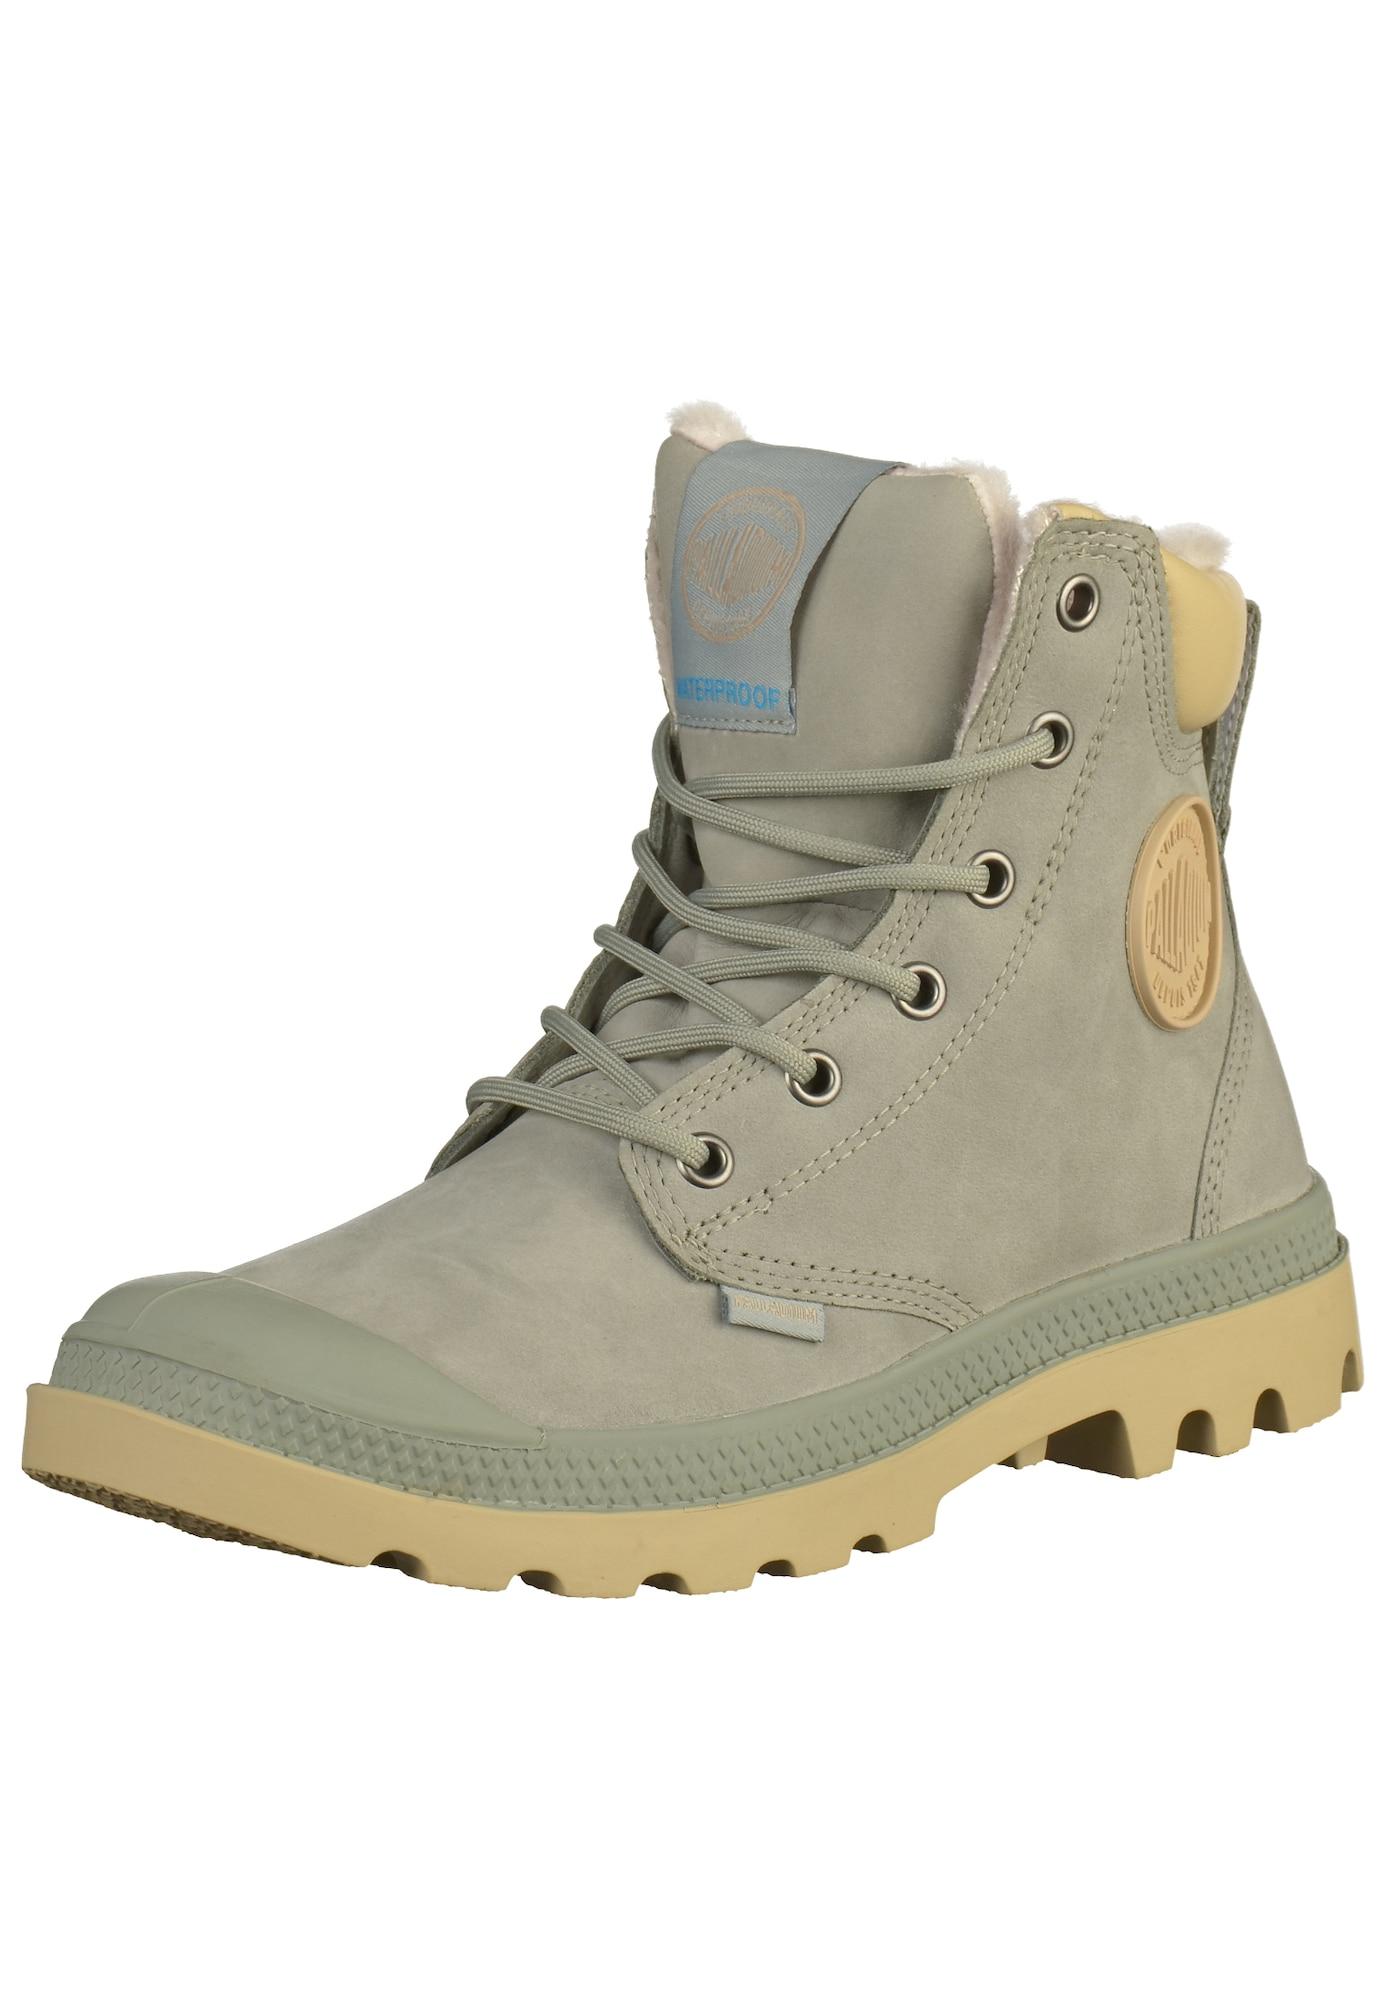 Stiefelette | Schuhe > Stiefeletten | Palladium